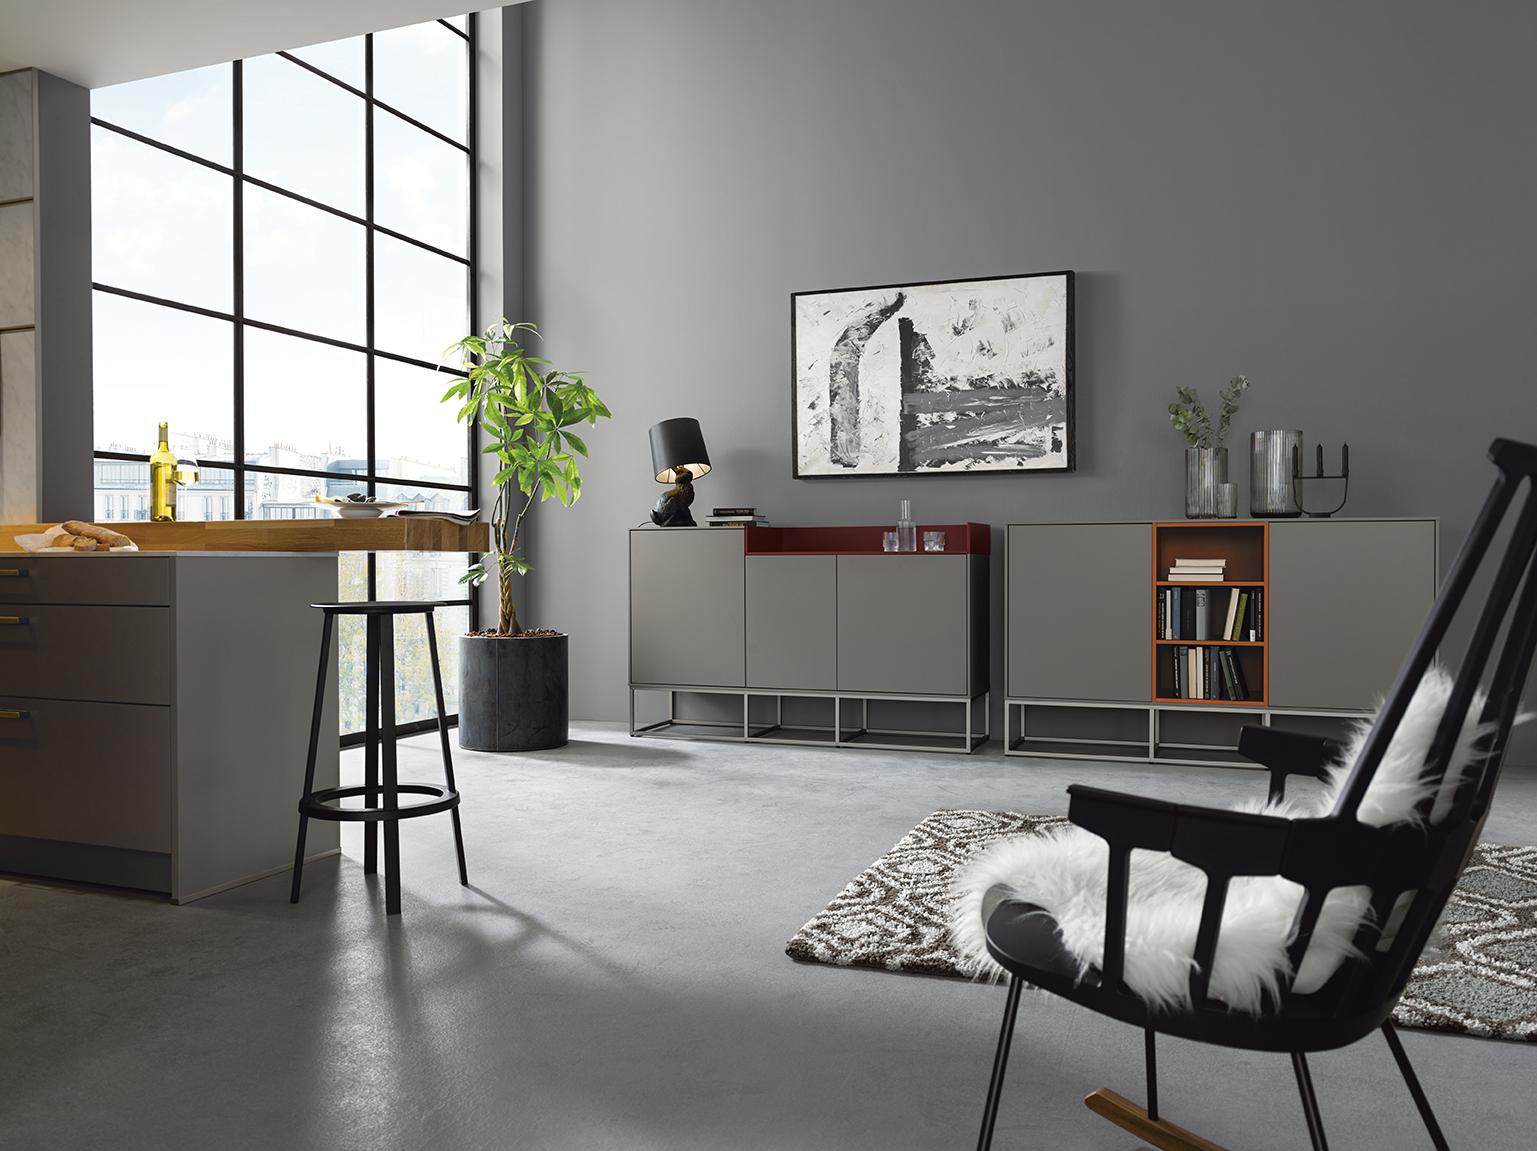 salon avec cuisine équipée moderne grise alliance de contemporain moderne et de bois